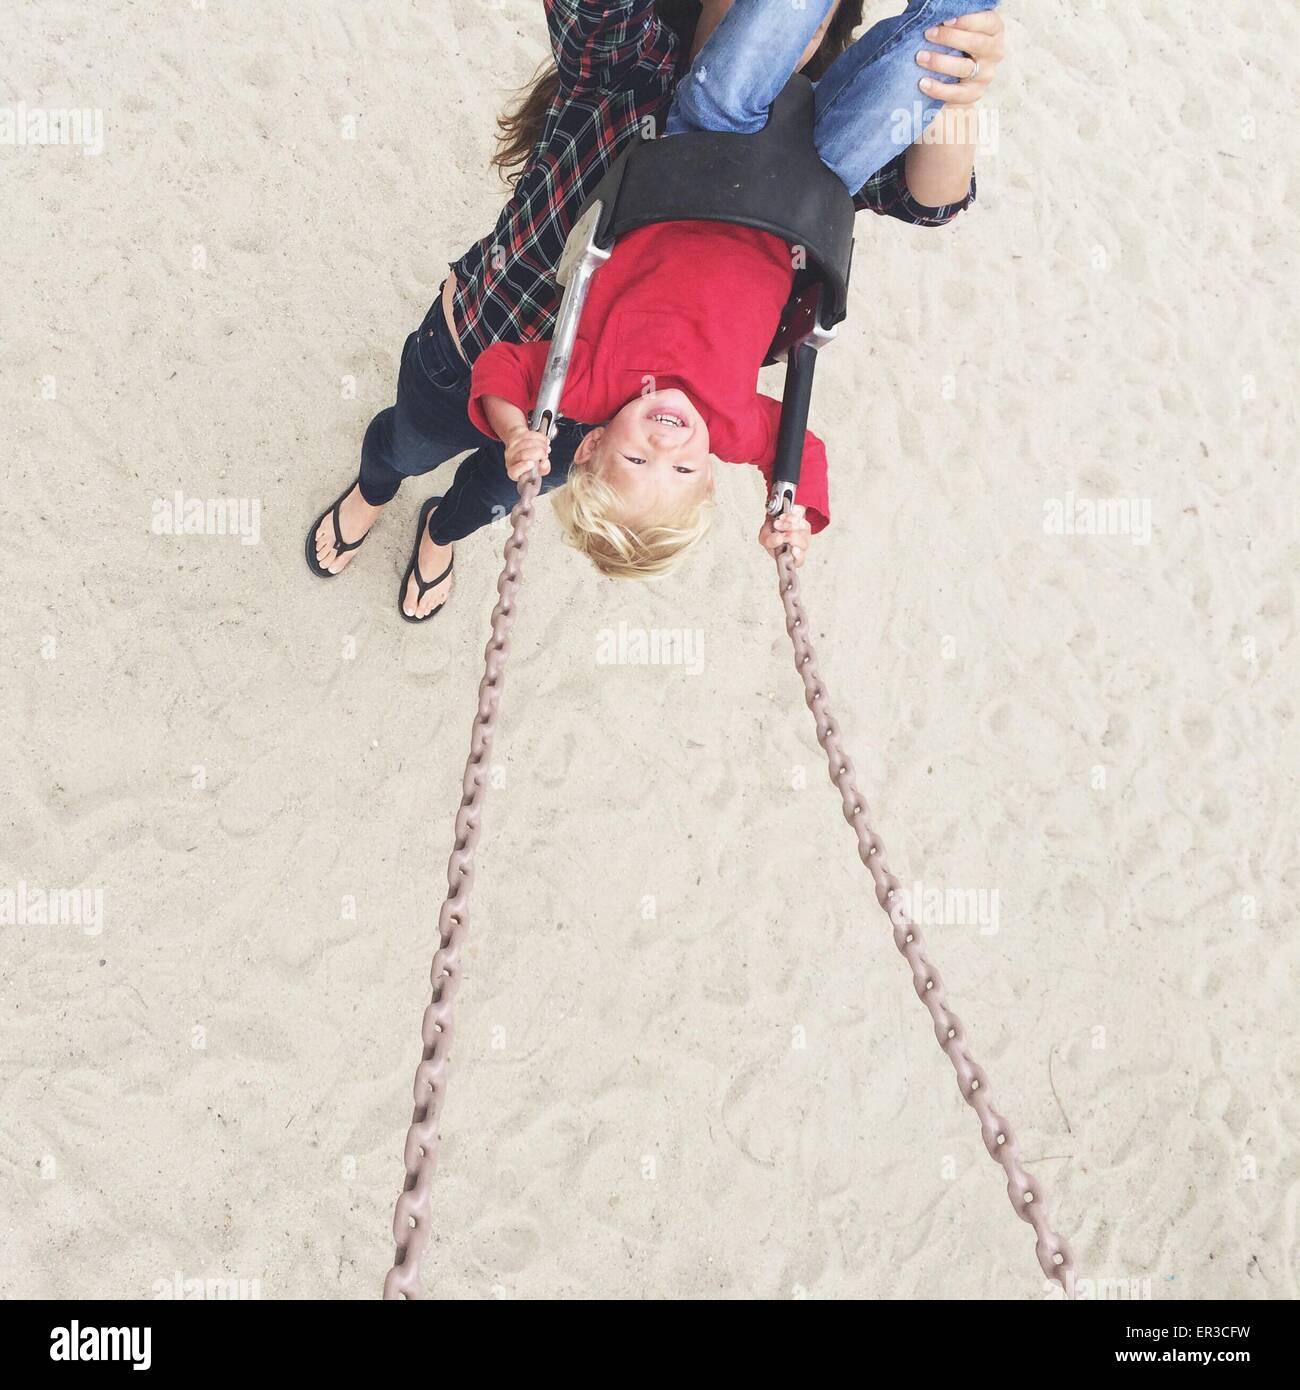 Portrait d'une femme poussant son fils sur une balançoire Photo Stock